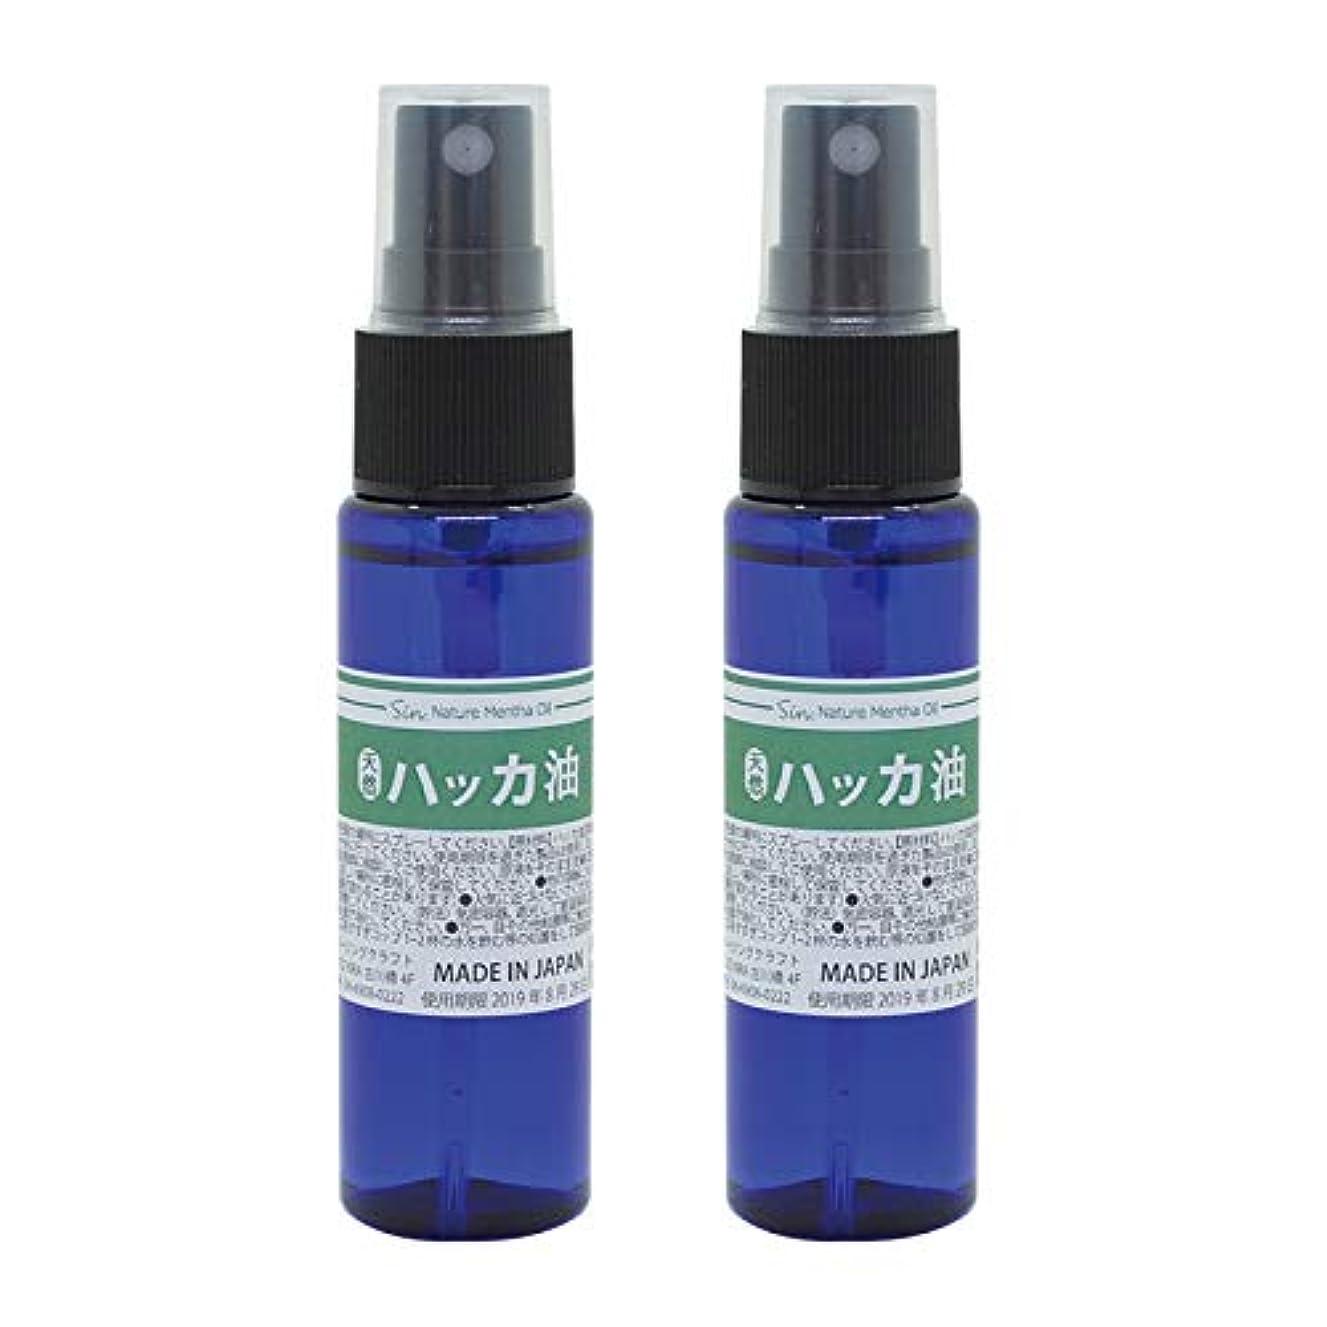 無駄なクルーズ教育者日本製 天然ハッカ油(ハッカオイル) スプレー 30mL×2本